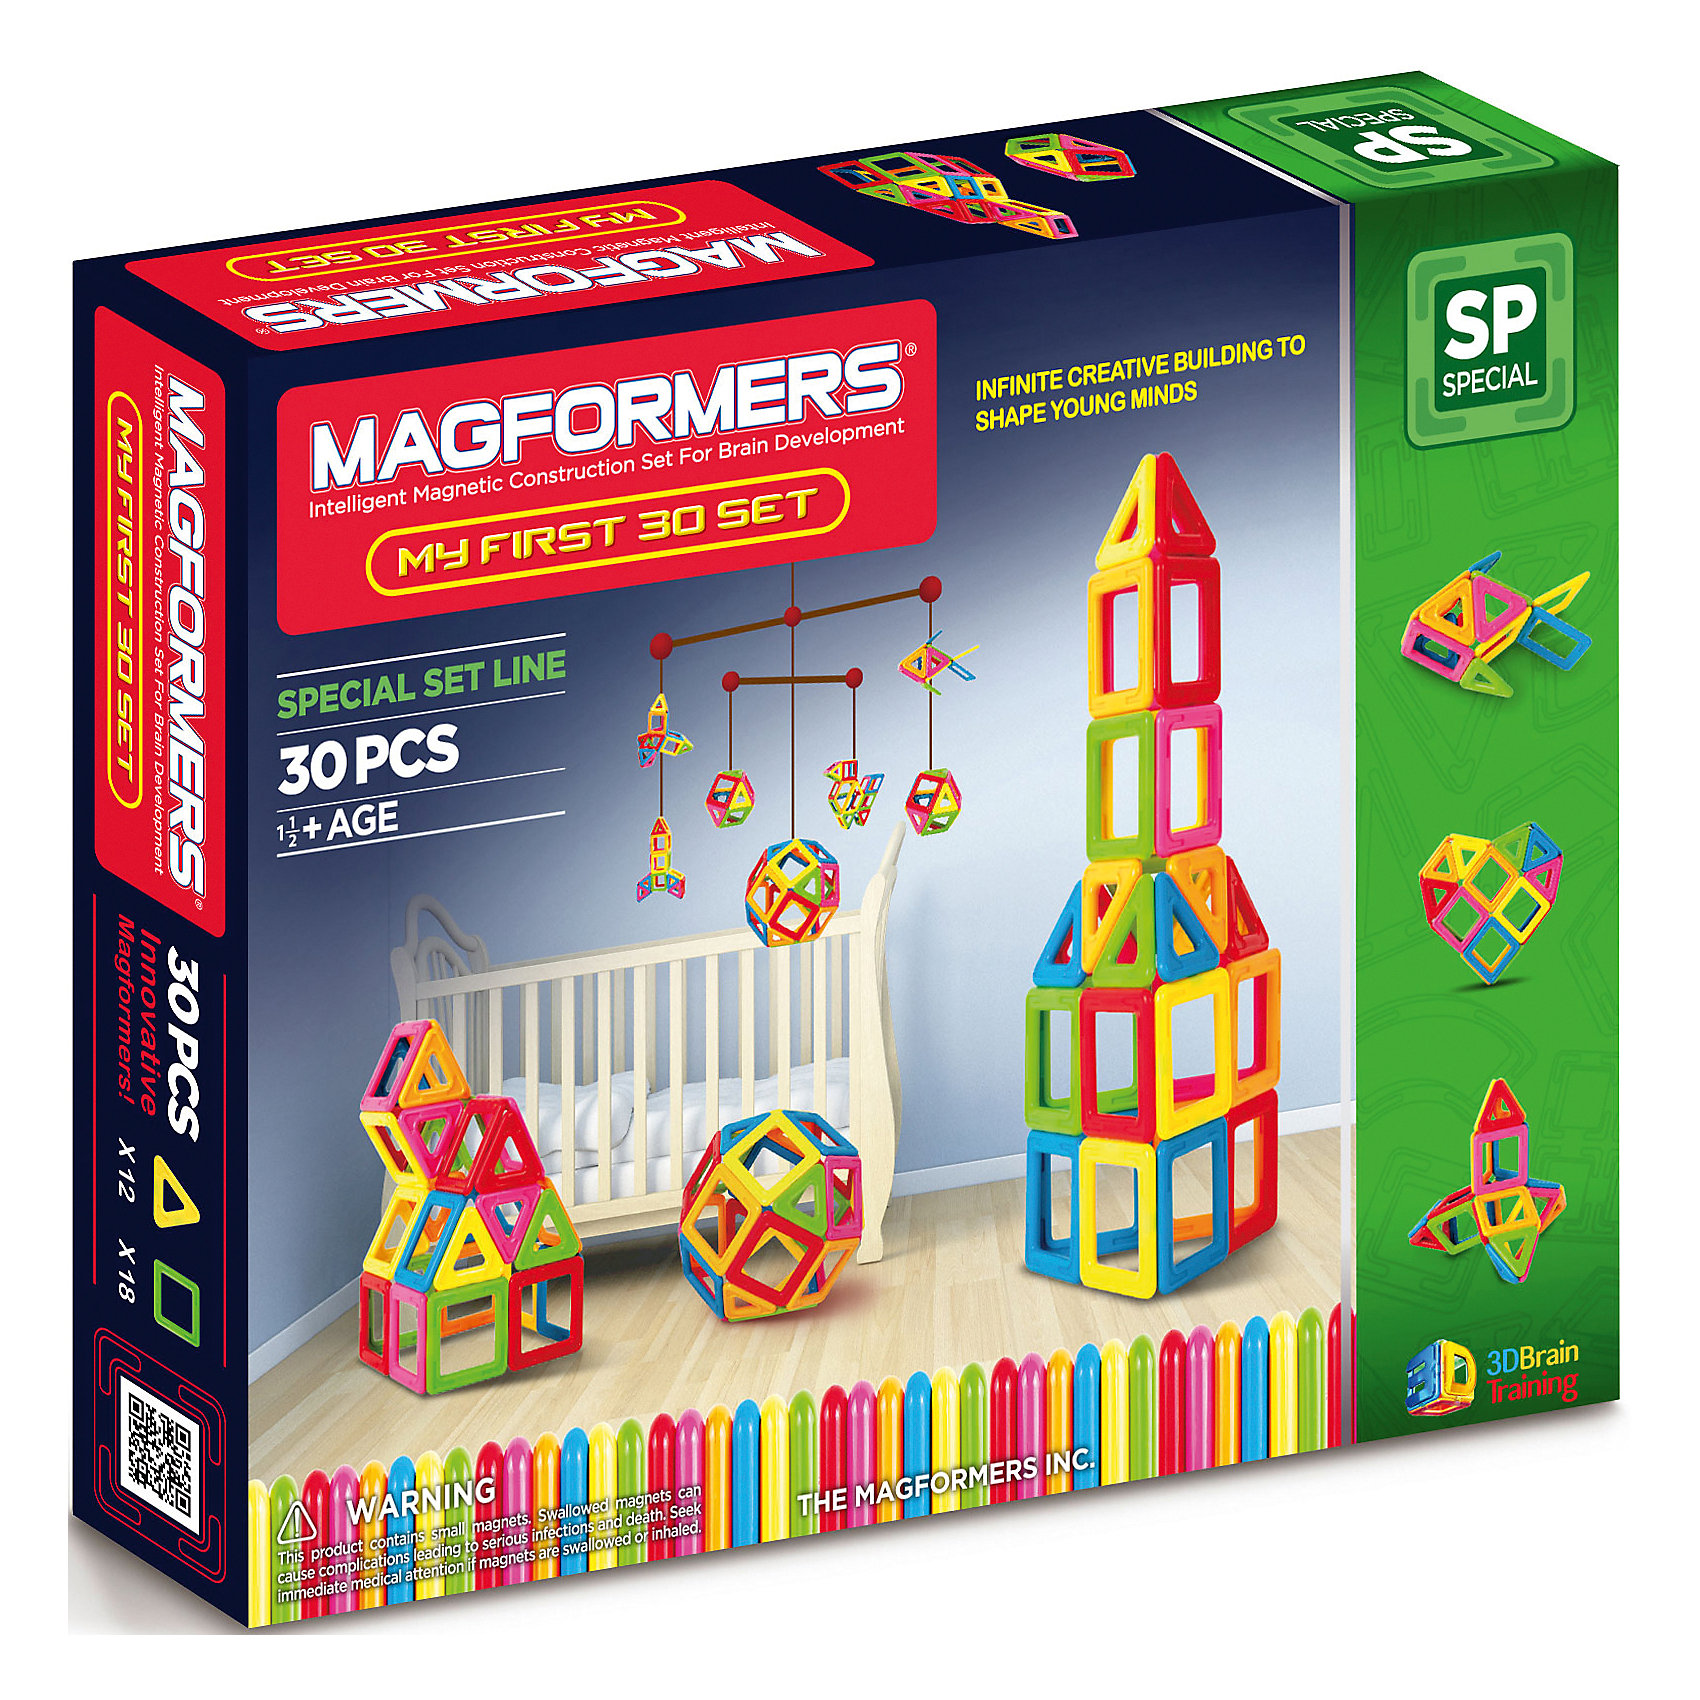 Магнитный конструктор My First Magformers 30, MAGFORMERSМагнитные конструкторы<br>Уникальный в своем роде набор магнитного конструктора. Все дело в том, что в производстве деталей используется особо прочный пластик, устойчивый к механическим повреждениям. Именно этот конструктор получил возрастную категорию 0+ и может быть использован для игры детьми с рождения. В состав данного набора входит также отличное дополнение - специальная книга на пружинах с заданиями для вашего ребенка и набор ярких карточек с изображением построек из деталей магнитного конструктора Magformers. В книге для вас представлено множество развивающих загадок и заданий, что поможет родителям не только интересно провести с ребенком время за игрой, но также облегчит процесс интеллектуального развития малыша.<br><br>Дополнительная информация:<br><br>- Количество деталей: 30 шт. <br>- 12 треугольников; <br>- 18 квадратов. <br>- Возраст: от 1 года <br>- Материал: высококачественный пластик. <br>- Размер упаковки: 30х25х10 см <br>- Вес в упаковке: 0.7 кг. <br><br><br>Купить магнитный конструктор My First Magformers 30 MAGFORMERS   можно в нашем магазине.<br><br>Ширина мм: 265<br>Глубина мм: 210<br>Высота мм: 50<br>Вес г: 867<br>Возраст от месяцев: 18<br>Возраст до месяцев: 72<br>Пол: Унисекс<br>Возраст: Детский<br>SKU: 4730845